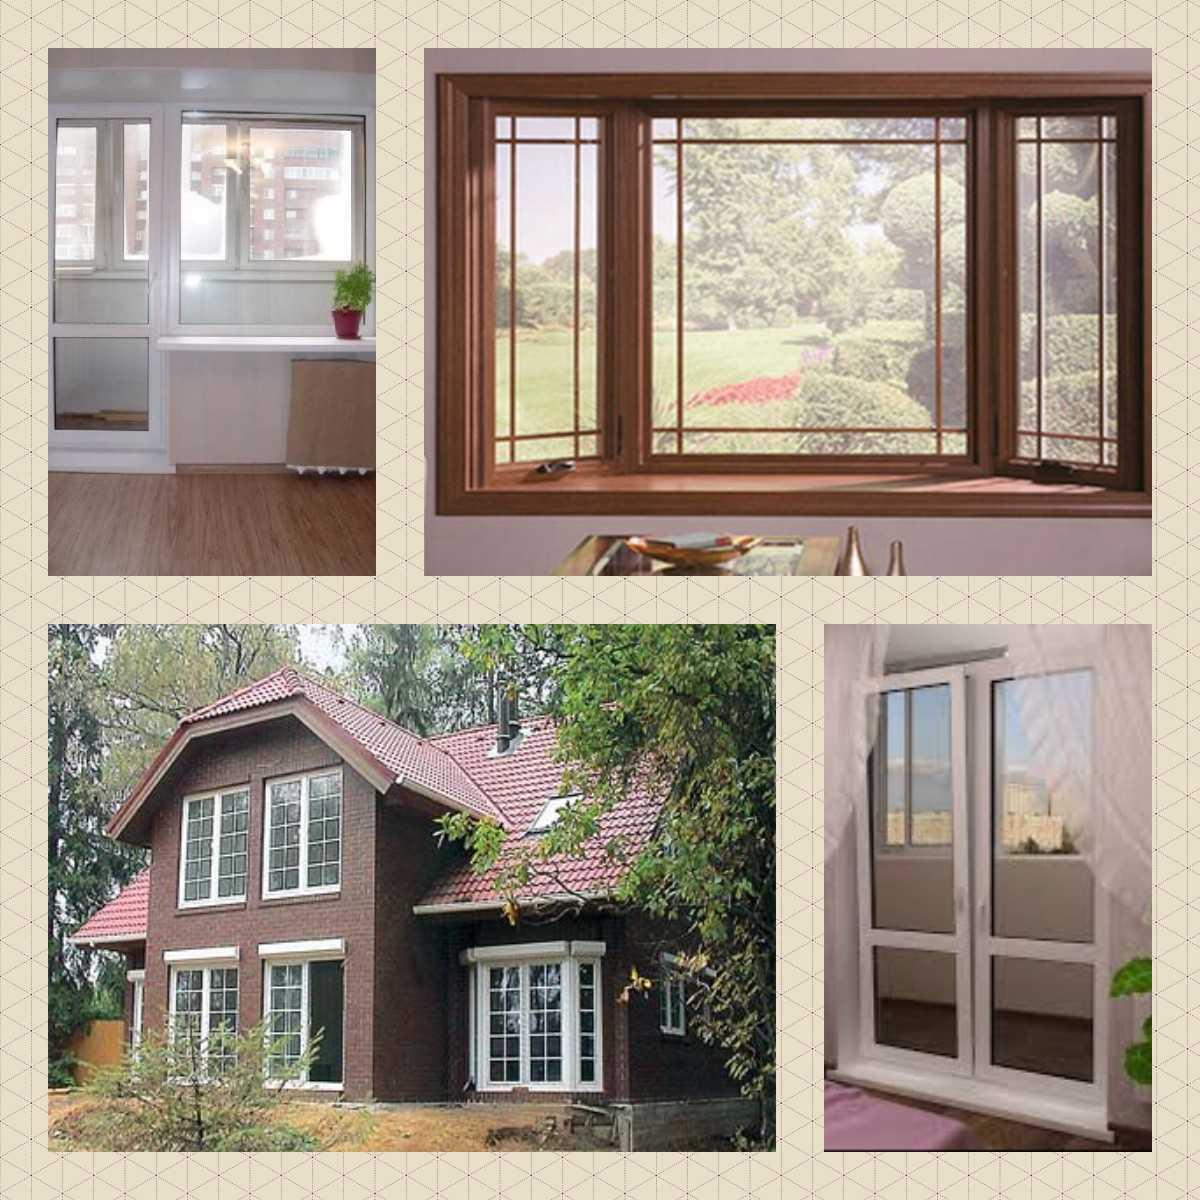 Лучшие пластиковые окна — какие окна лучше поставить и как выбрать пластиковые окна для дома?